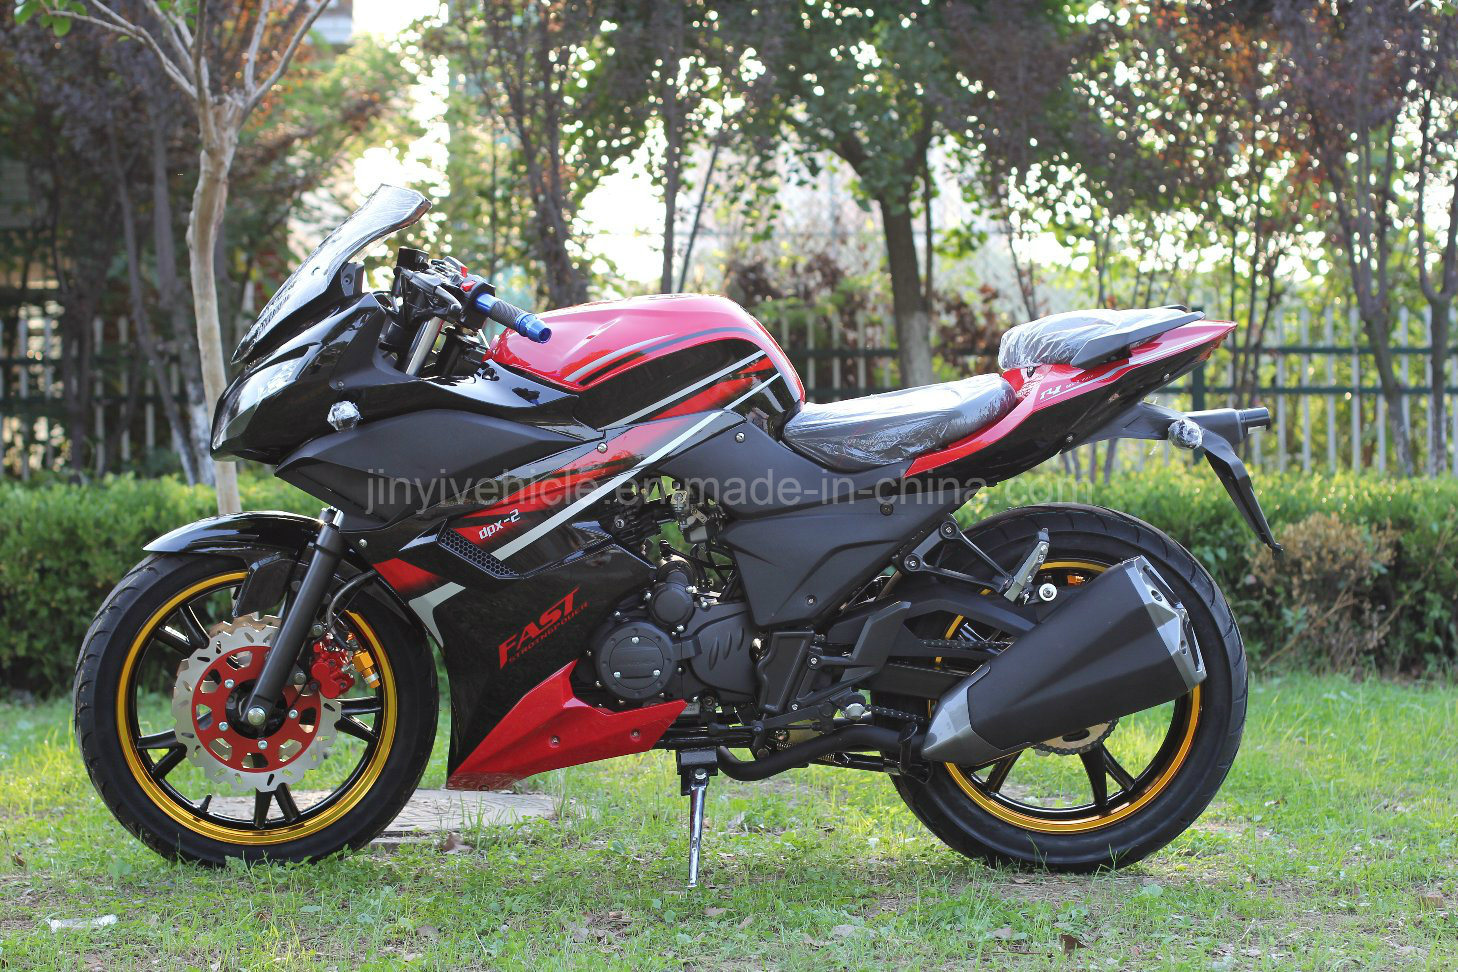 R2-Air-Cooled-Racing-Motorcycle-Speed-Bi